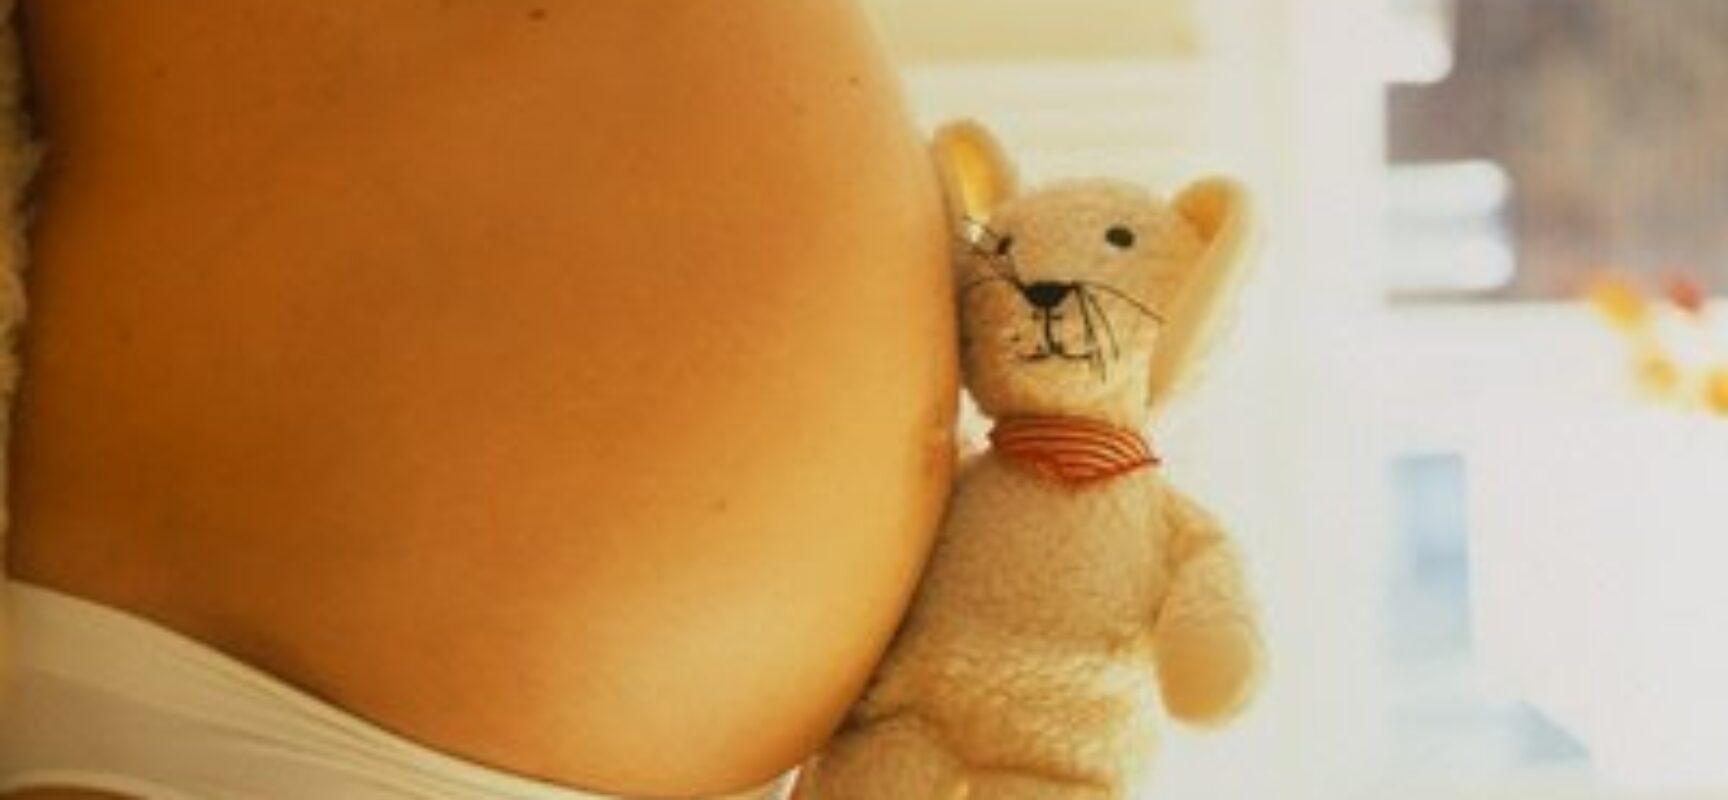 Alegando consentimento, juiz absolve réu que engravidou menina de 11 anos